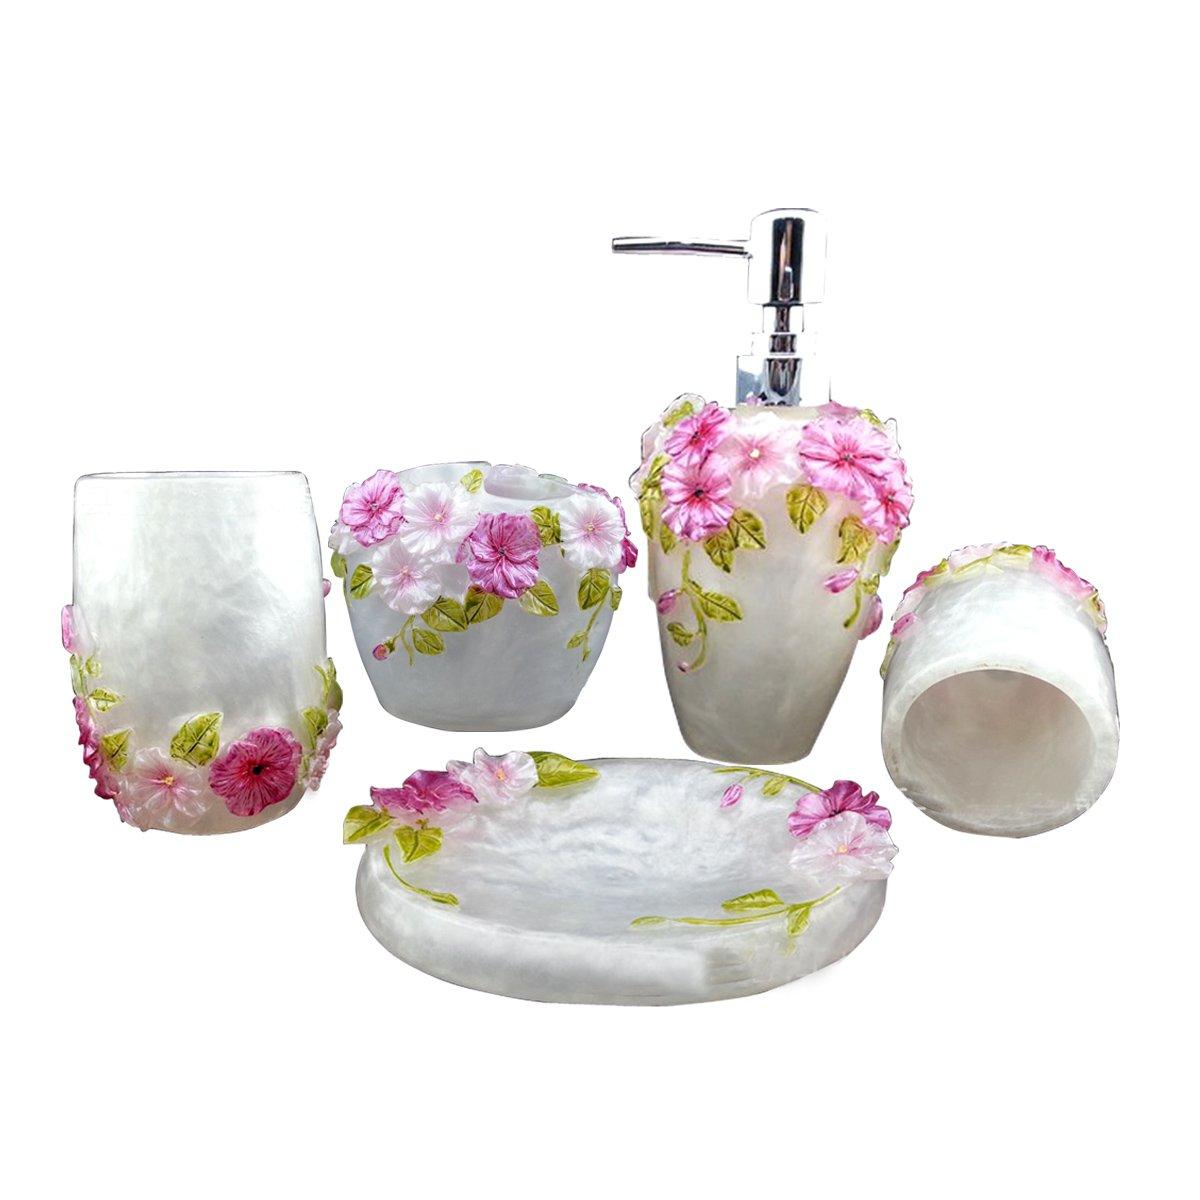 HQdeal 5PC Set Acrilico Accessori bagno Bagno Set Fiori Bloom acrilico Set bagno dispenser di sapone / Portaspazzolino / Tumbler / Soap Dish AX-AY-ABHI-67424